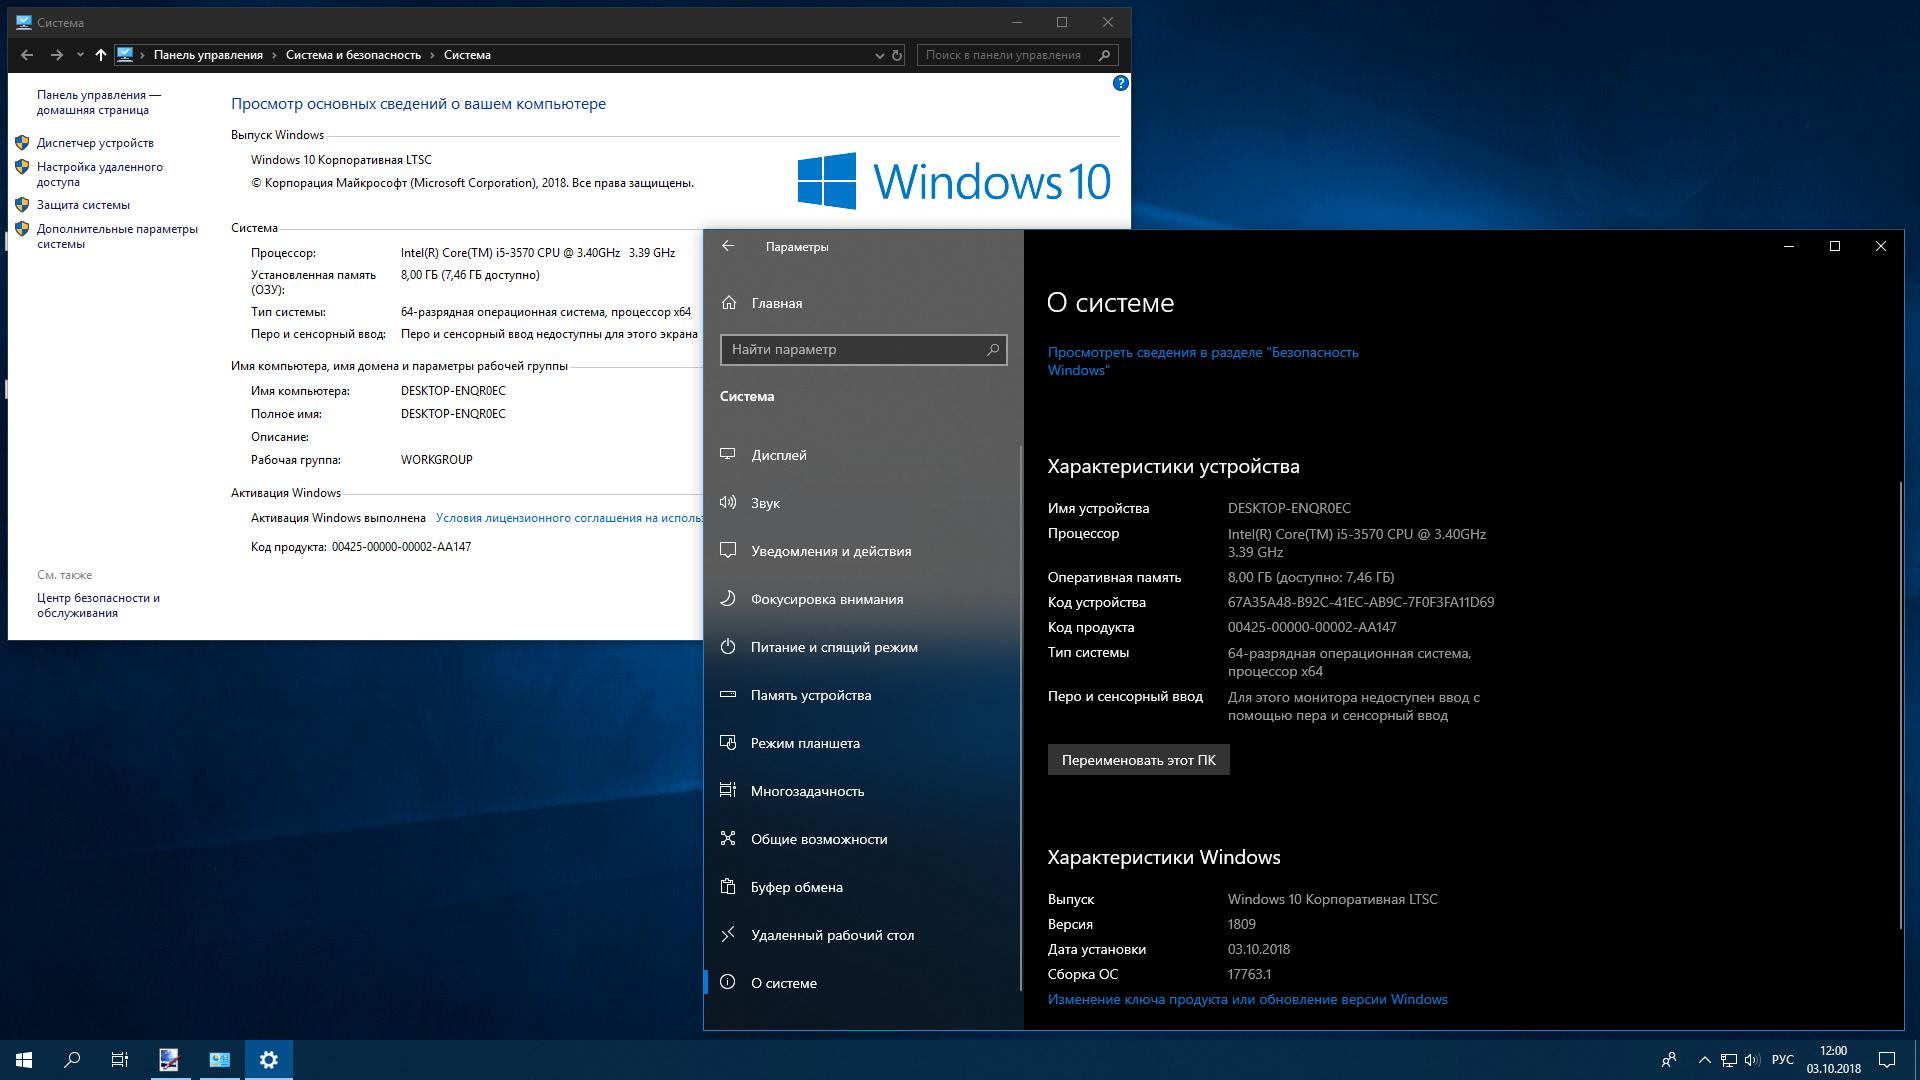 Enterprise ltsc 2019 | Windows 10 Enterprise LTSC 2019 x64 Multi